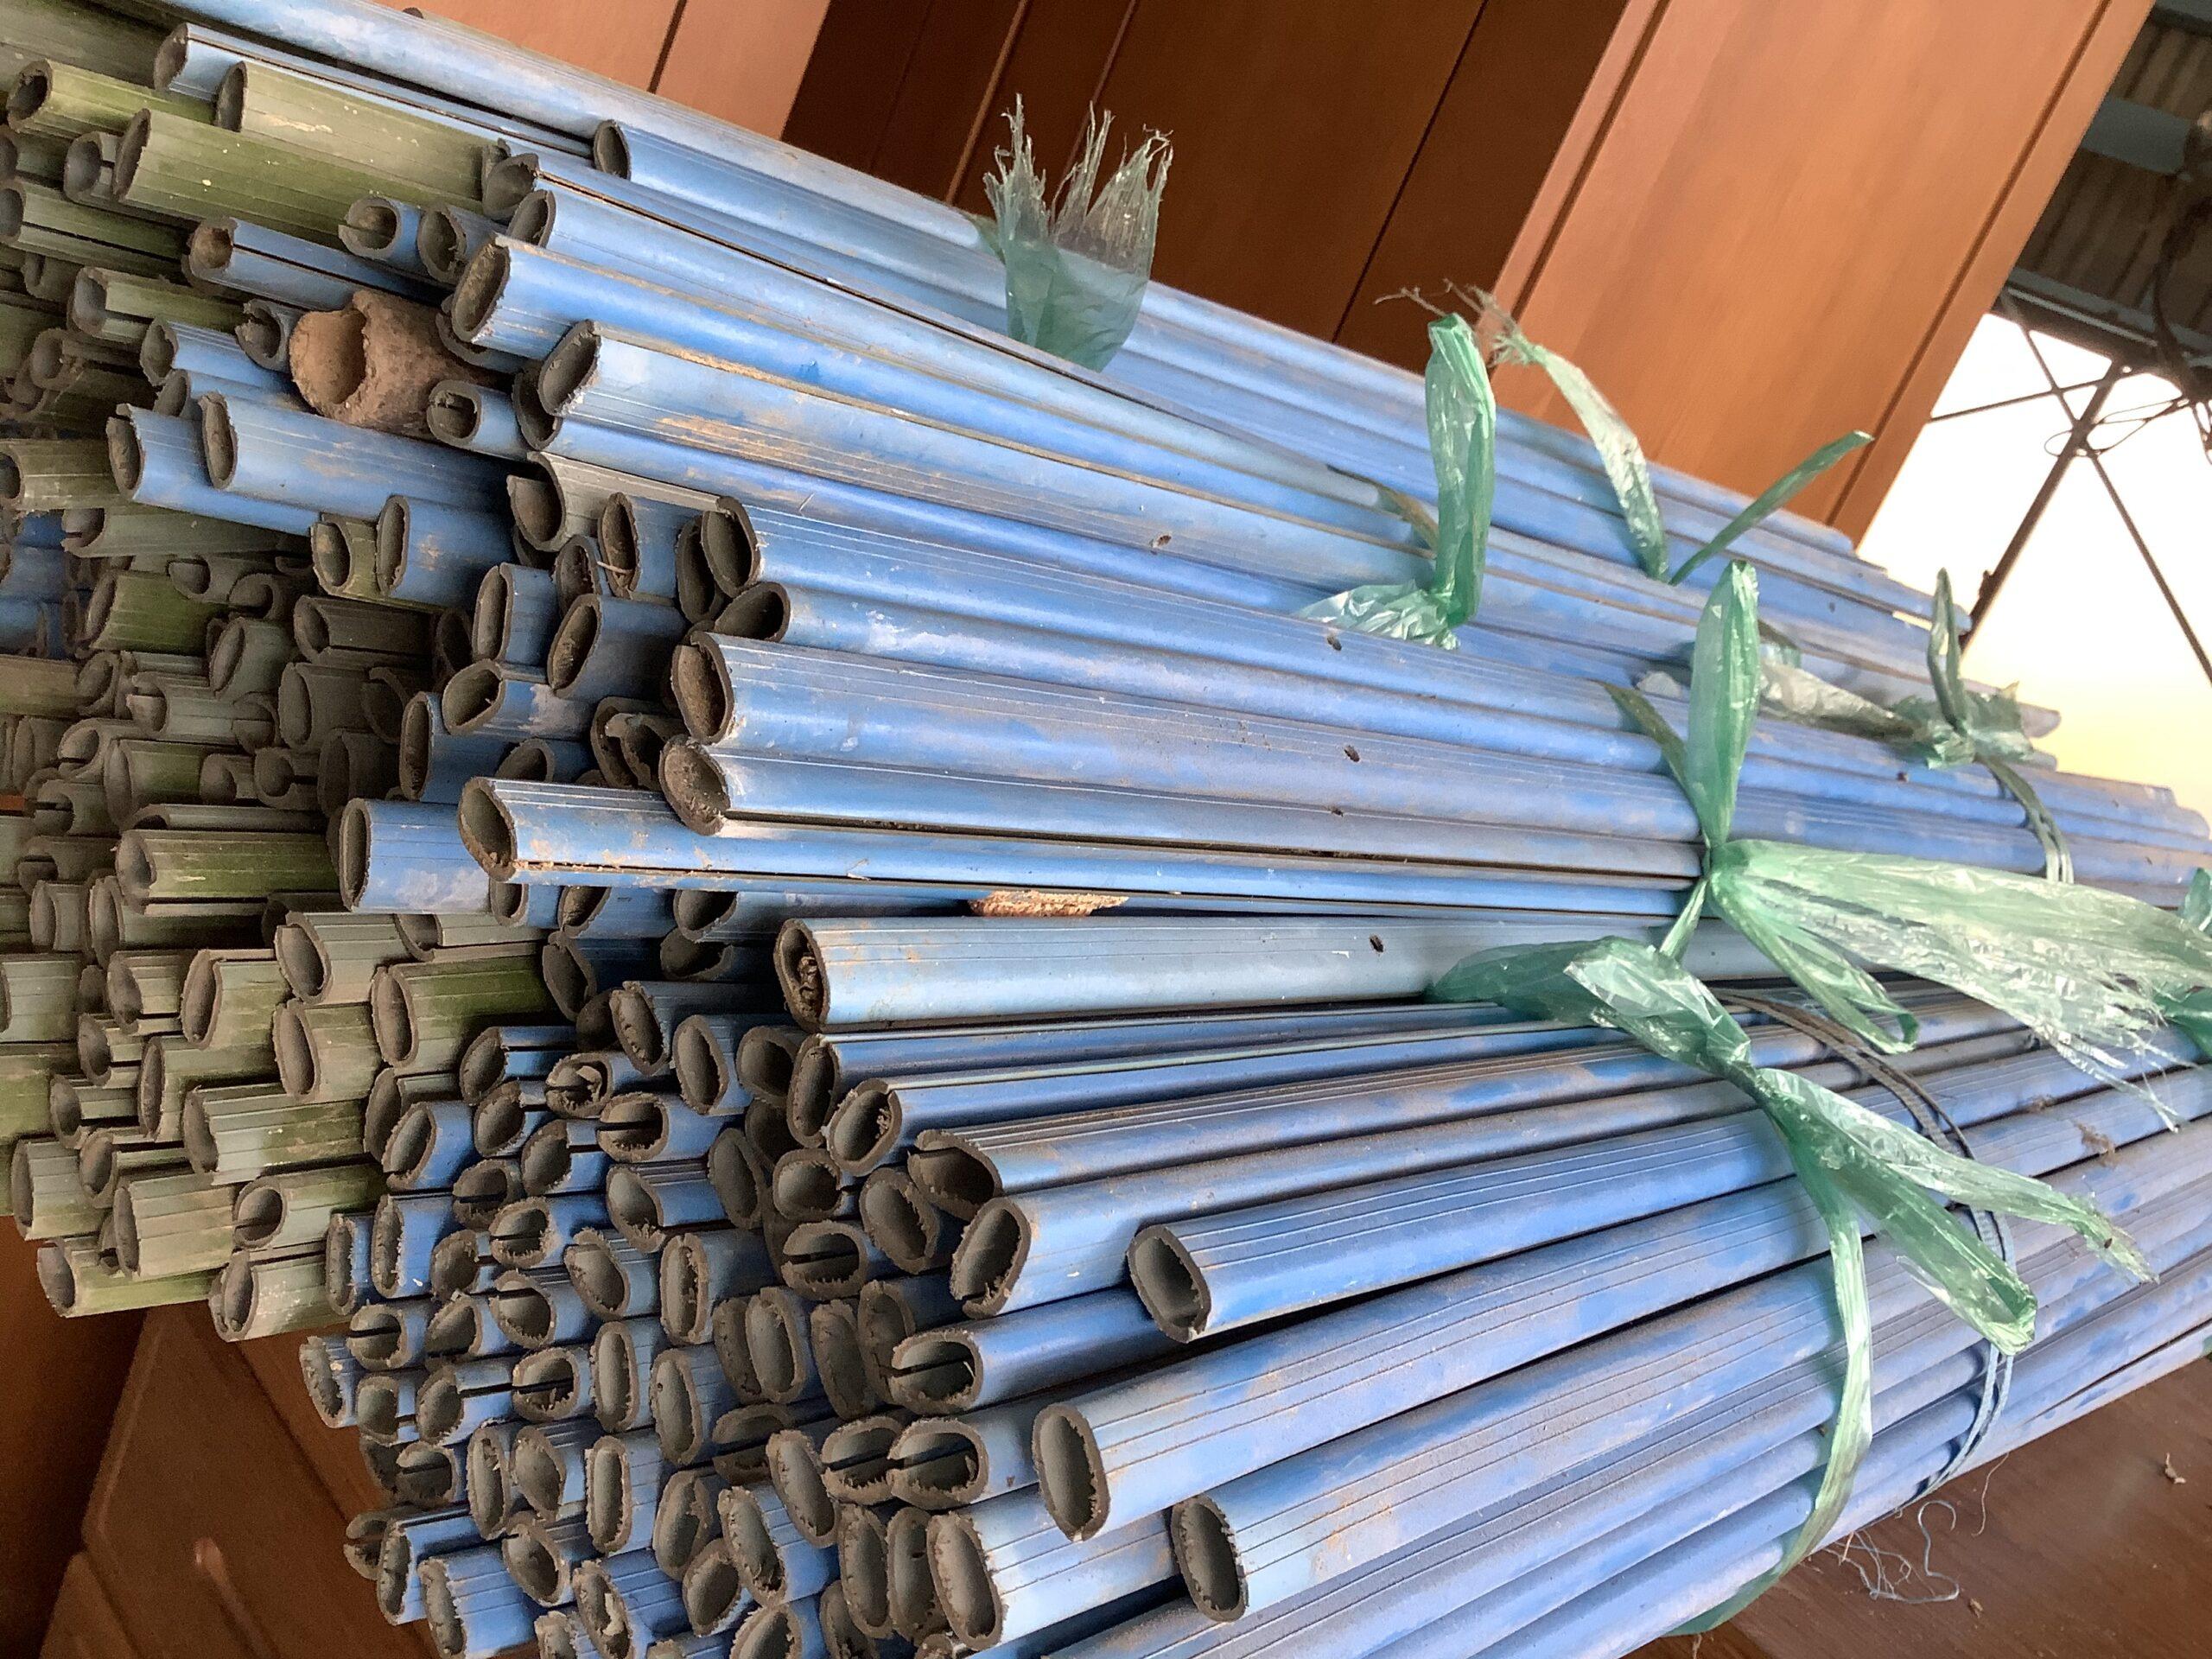 福山市神辺町で回収した柵に使った棒